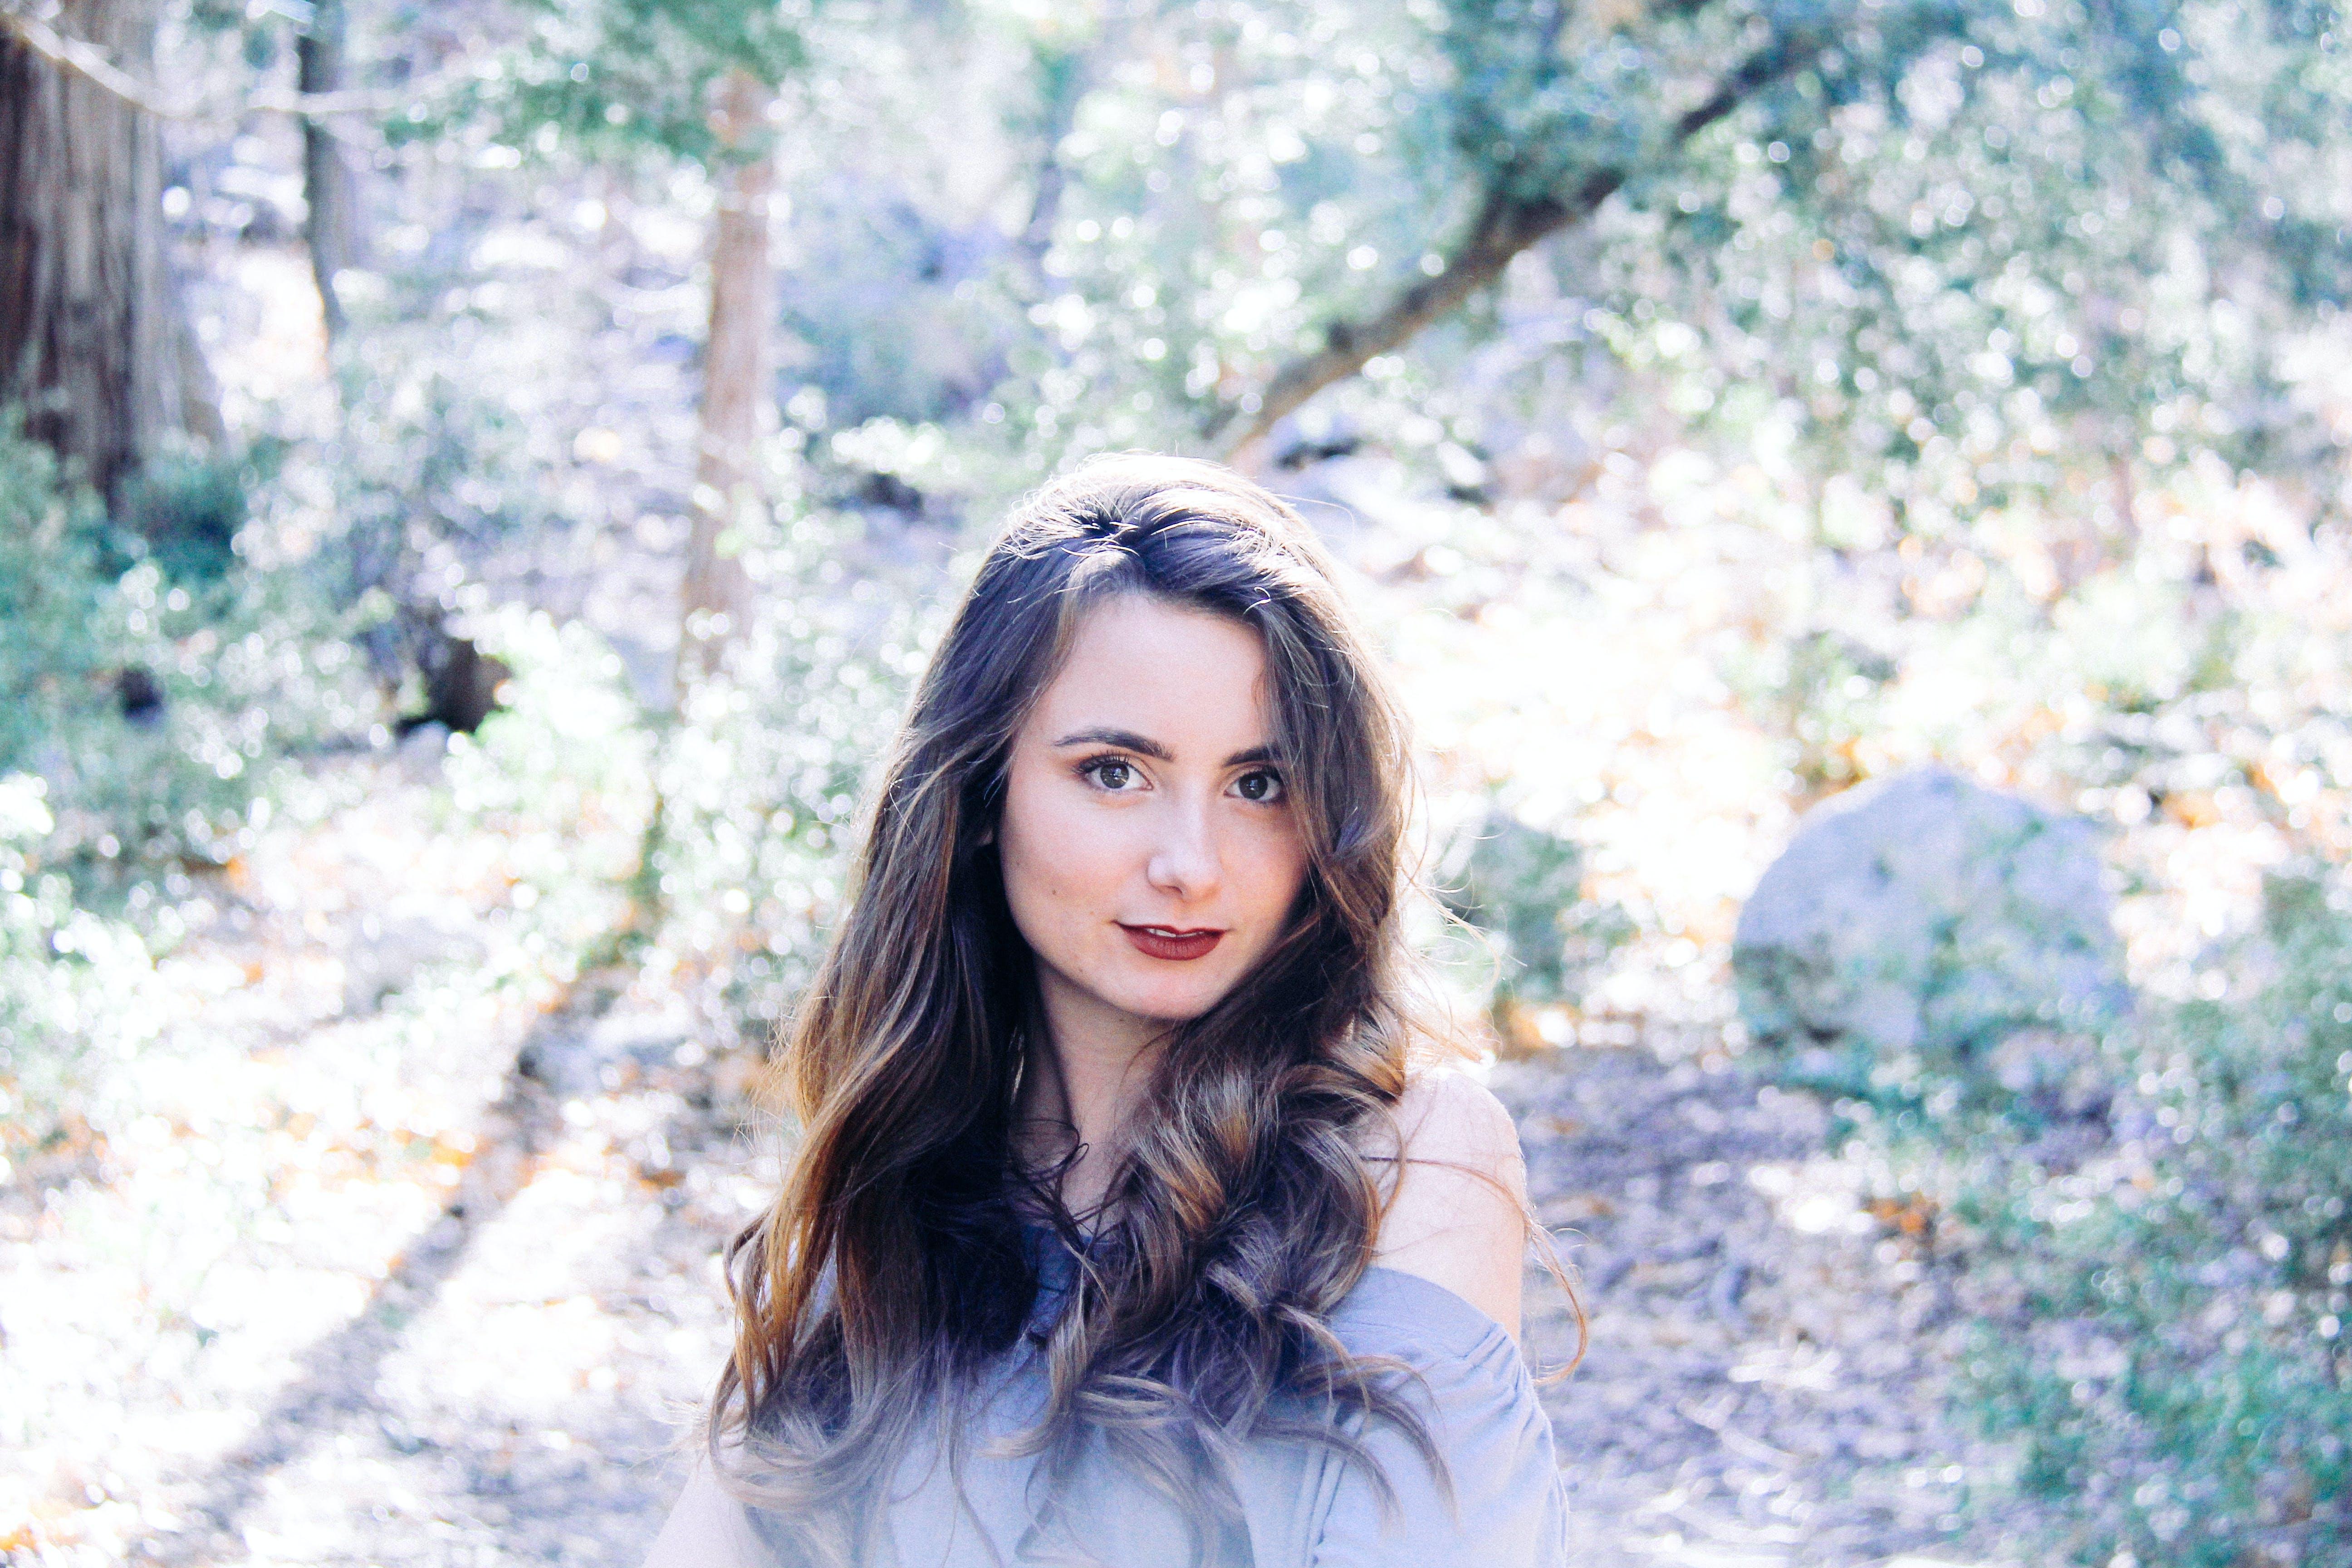 갈색 머리, 매력적인, 모델, 미소의 무료 스톡 사진